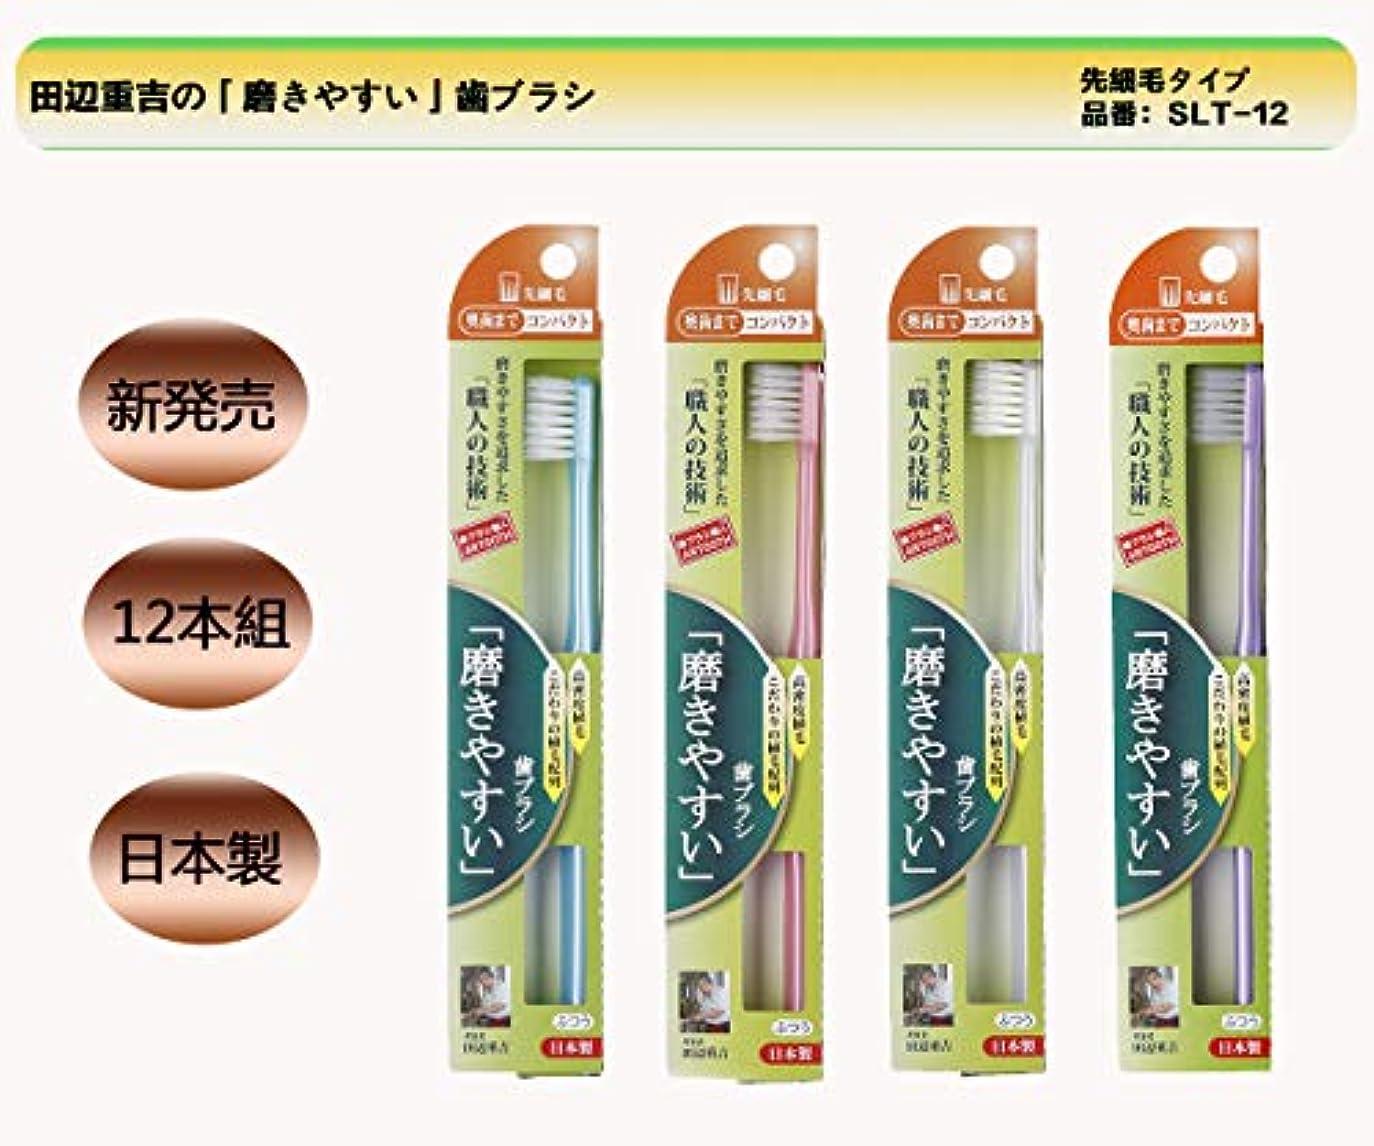 反対した病レンダー歯ブラシ職人 Artooth® 田辺重吉  日本製 磨きやすい歯ブラシ 奥歯まで先細毛SLT-12 (12本入)